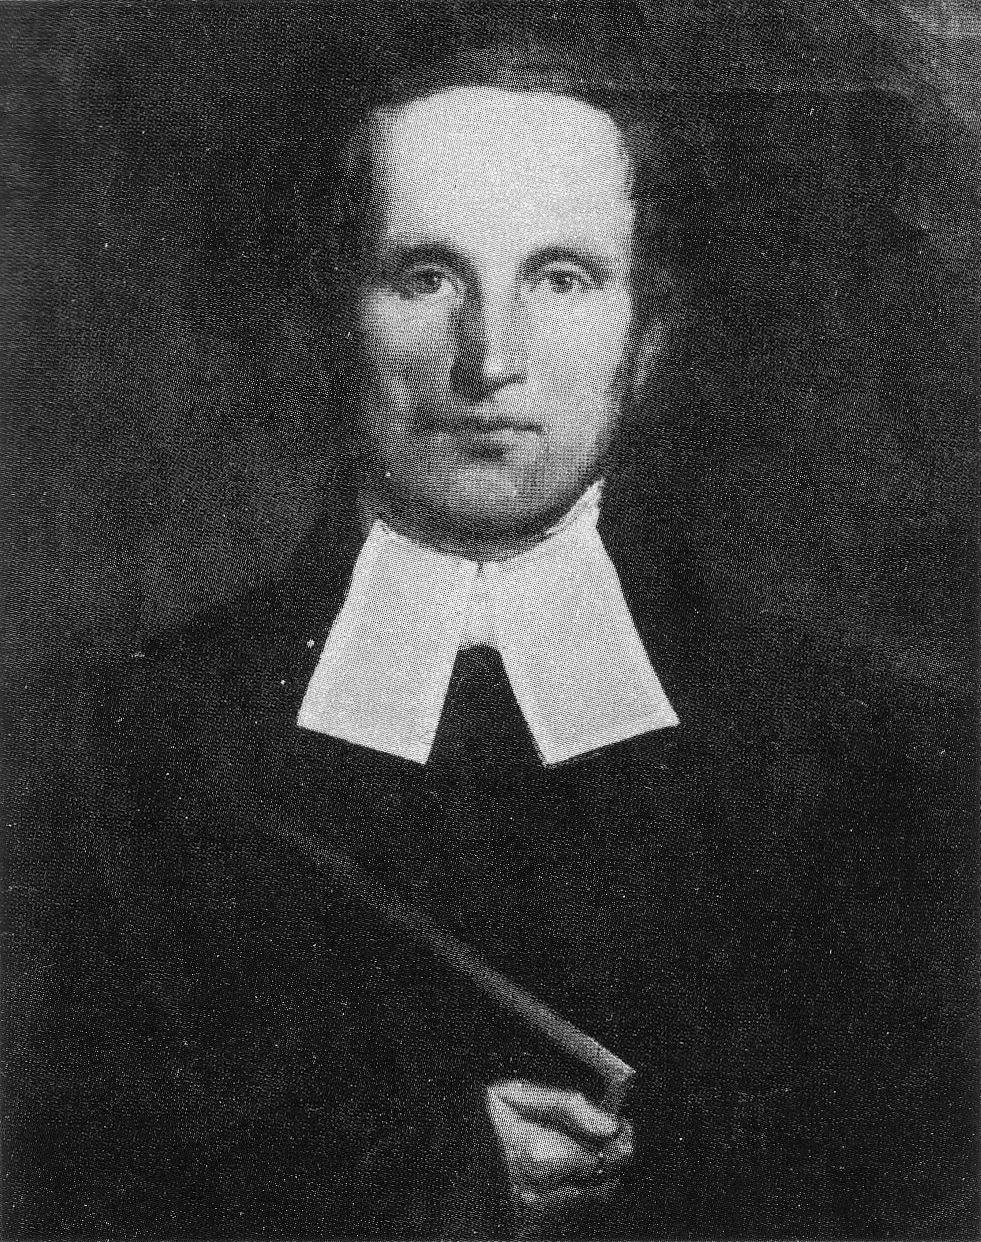 Heinrich alexander seidel wikipedia for Alexander heinrich